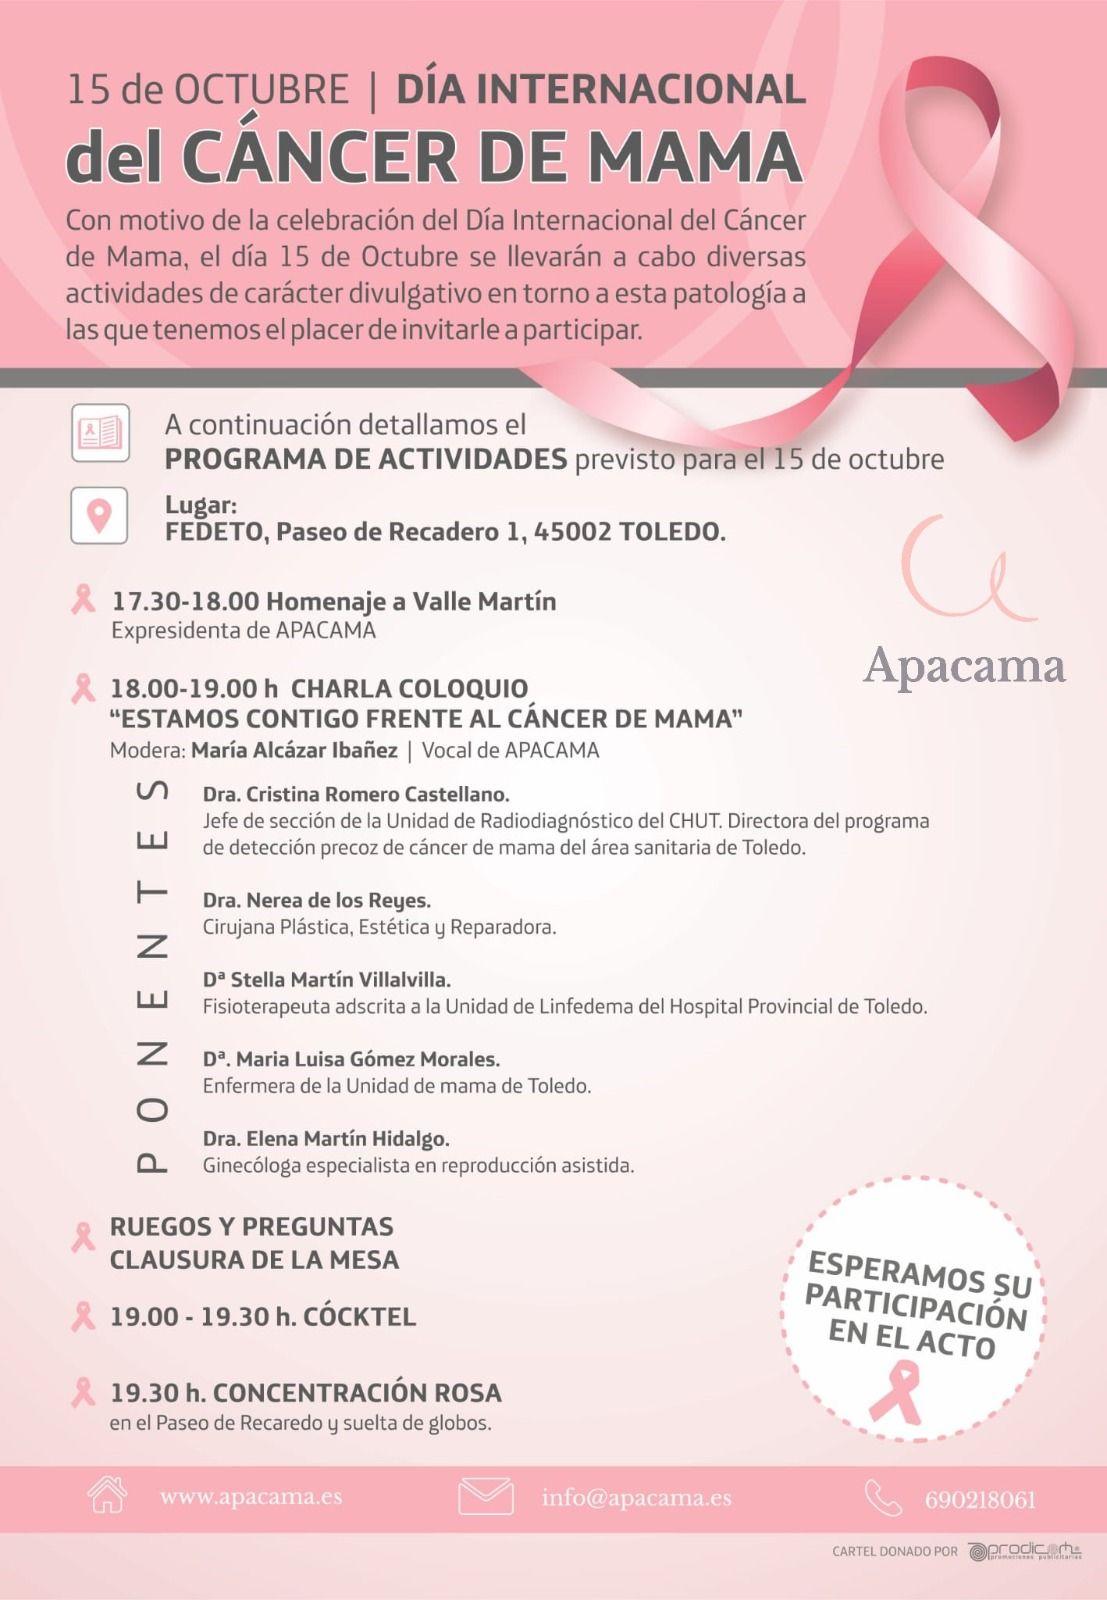 Actos día del cáncer de mama